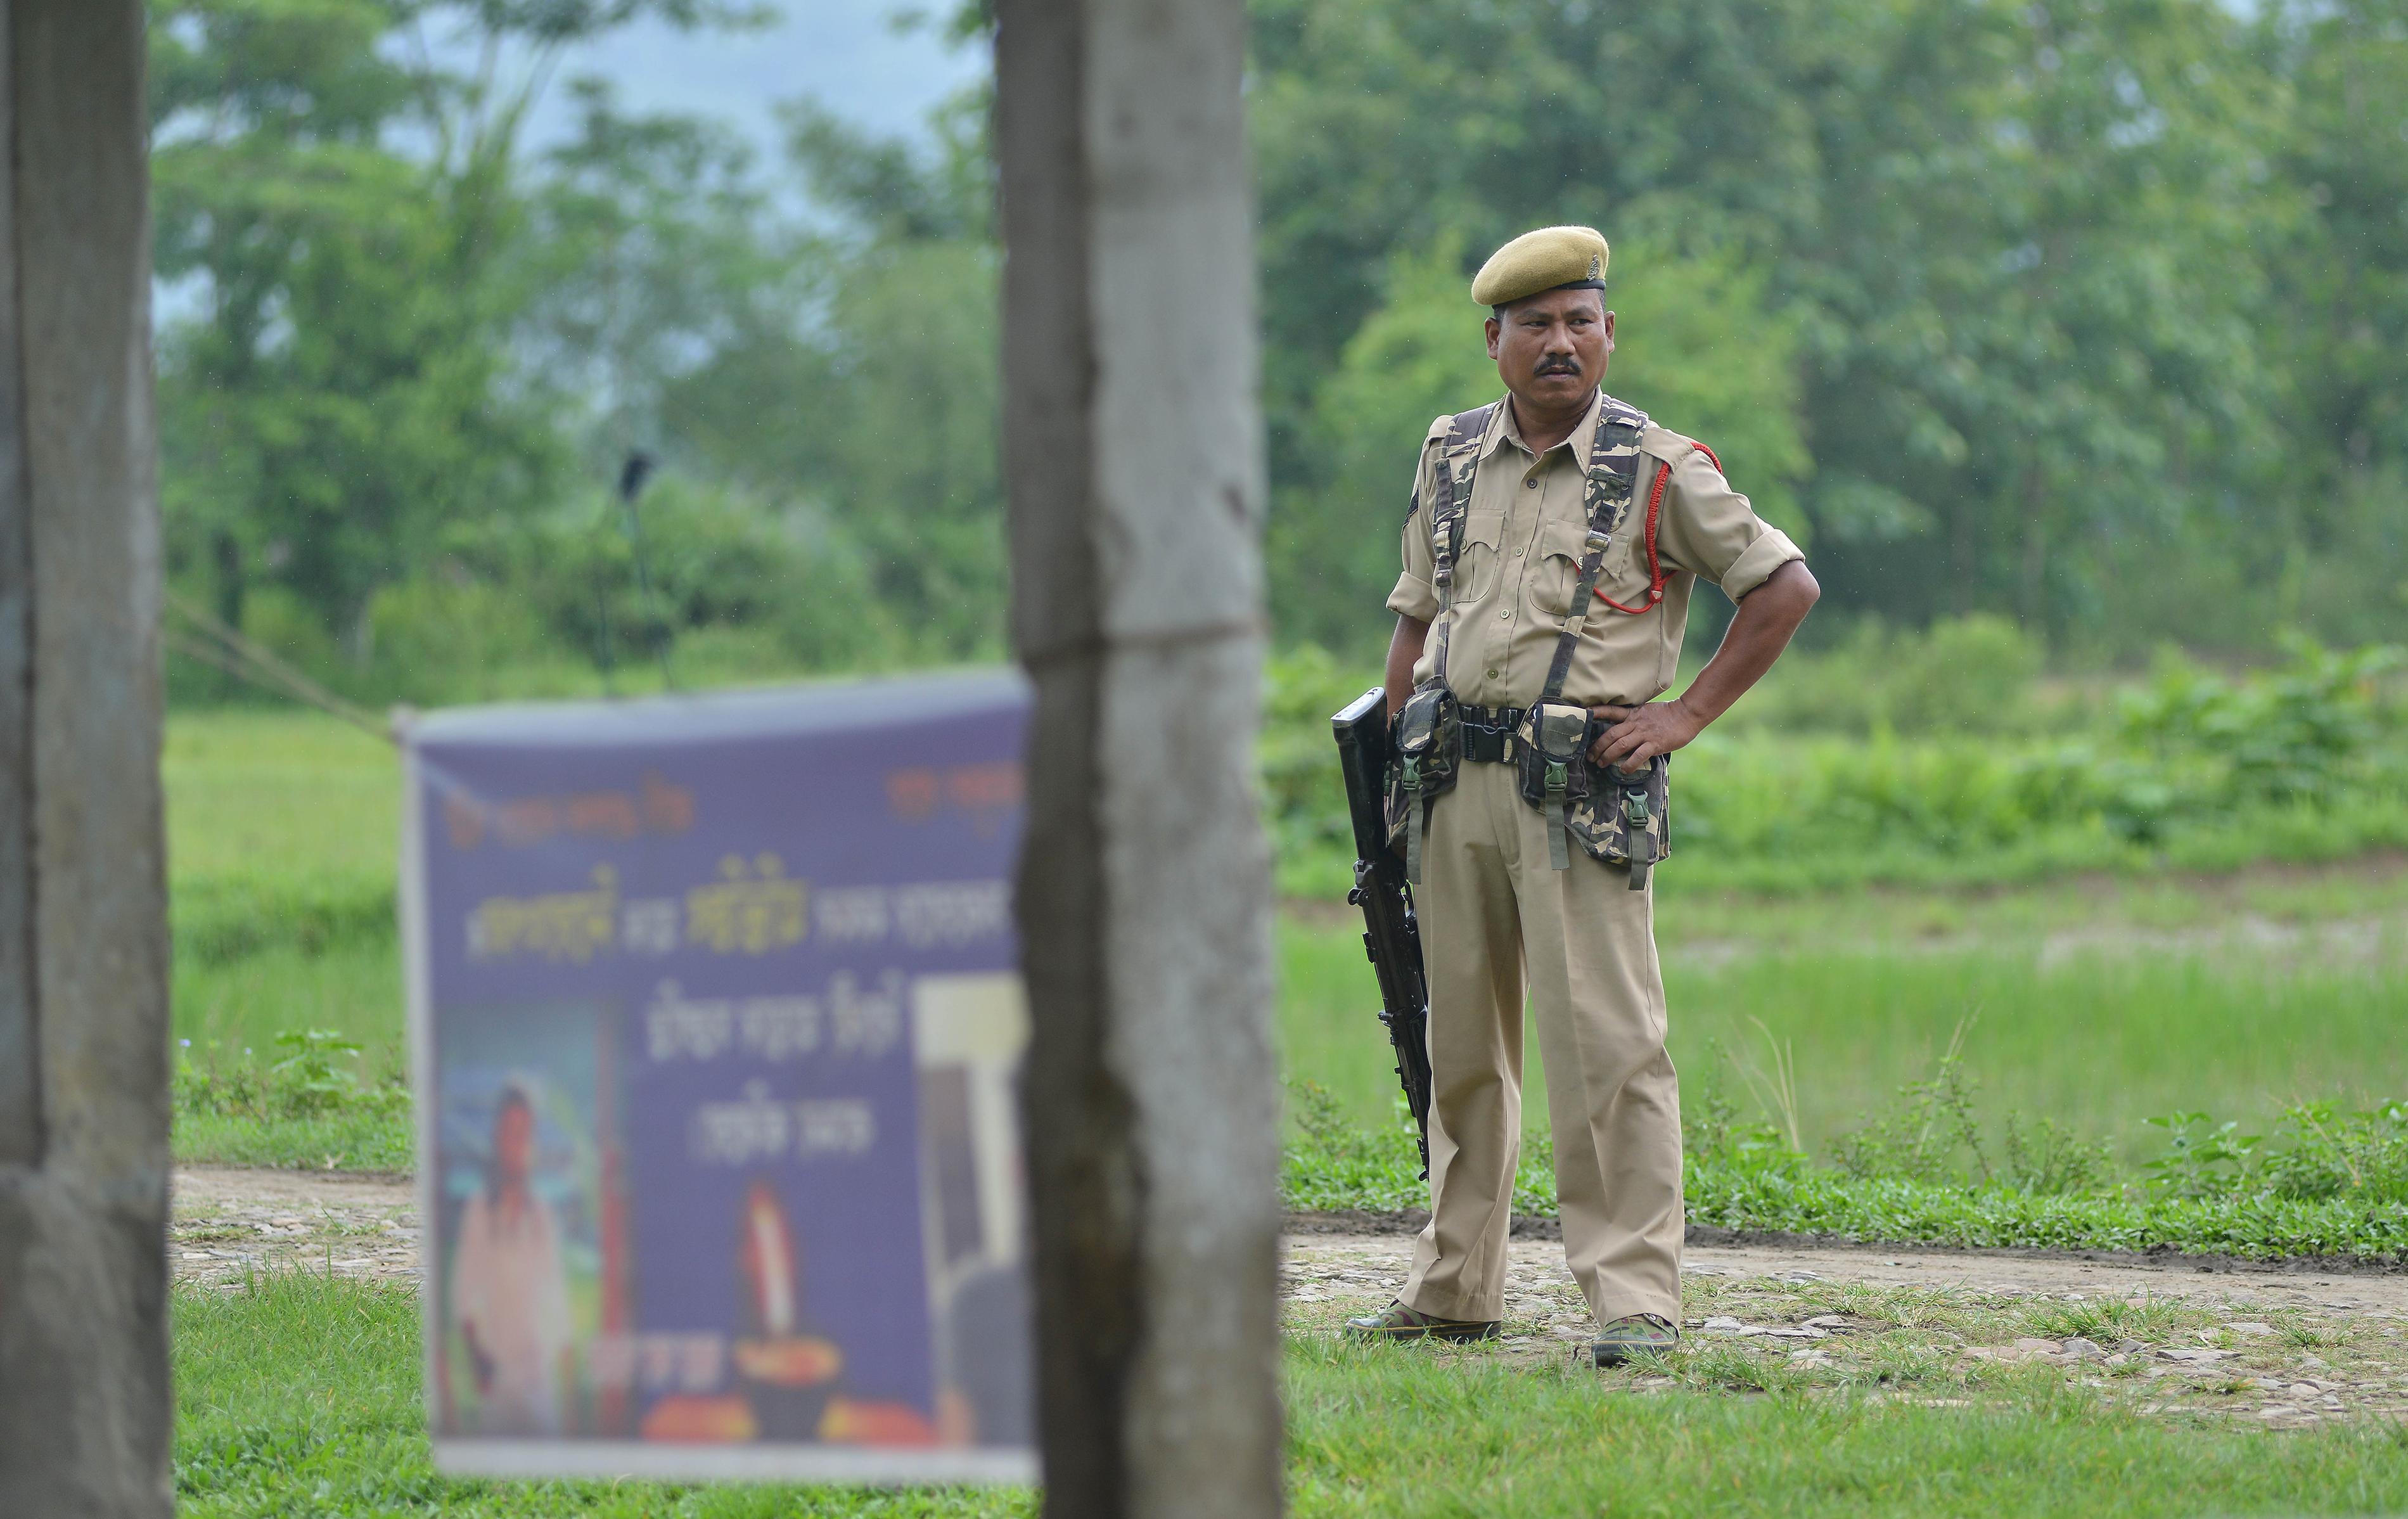 Több tucat falusi lincselt meg egy indiai férfit, mert elhitték az álhíreket